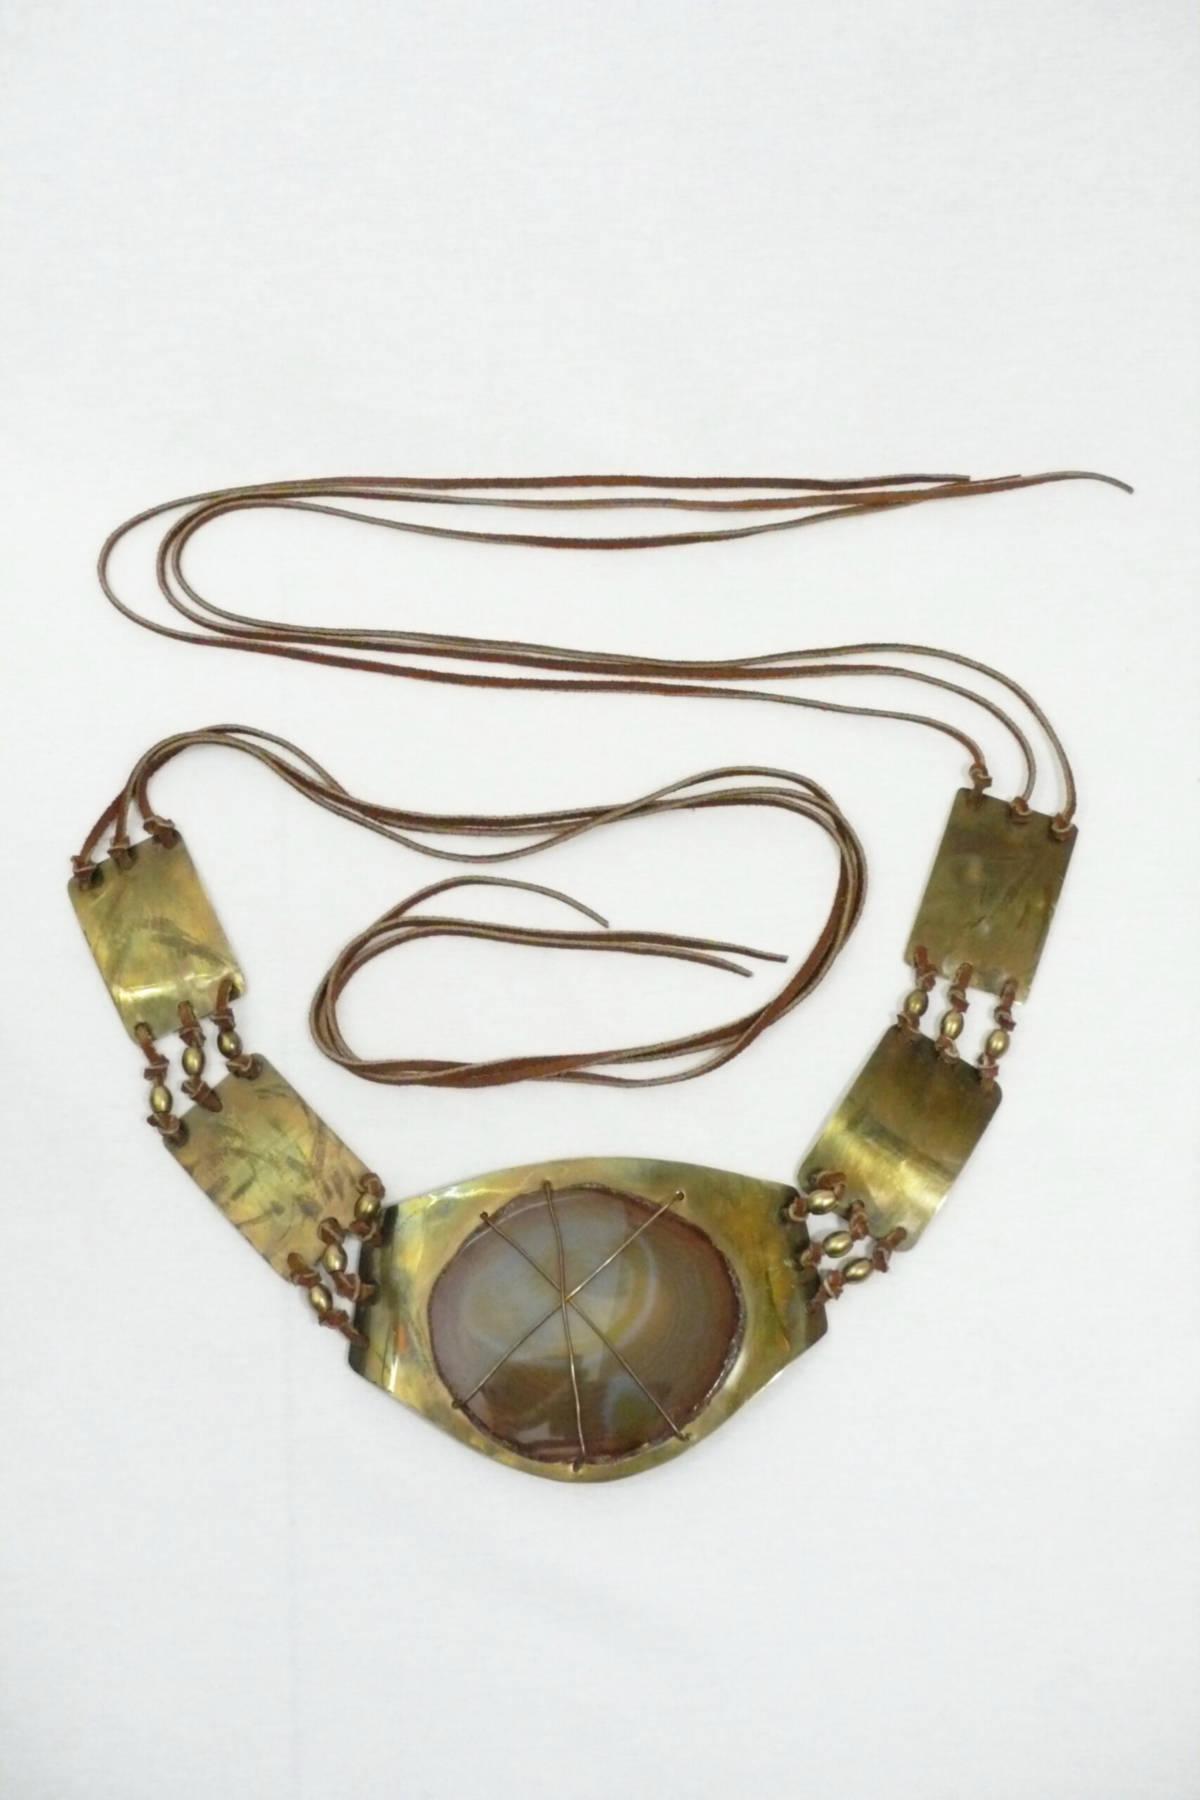 Brass Geode Belt with Suede Ties